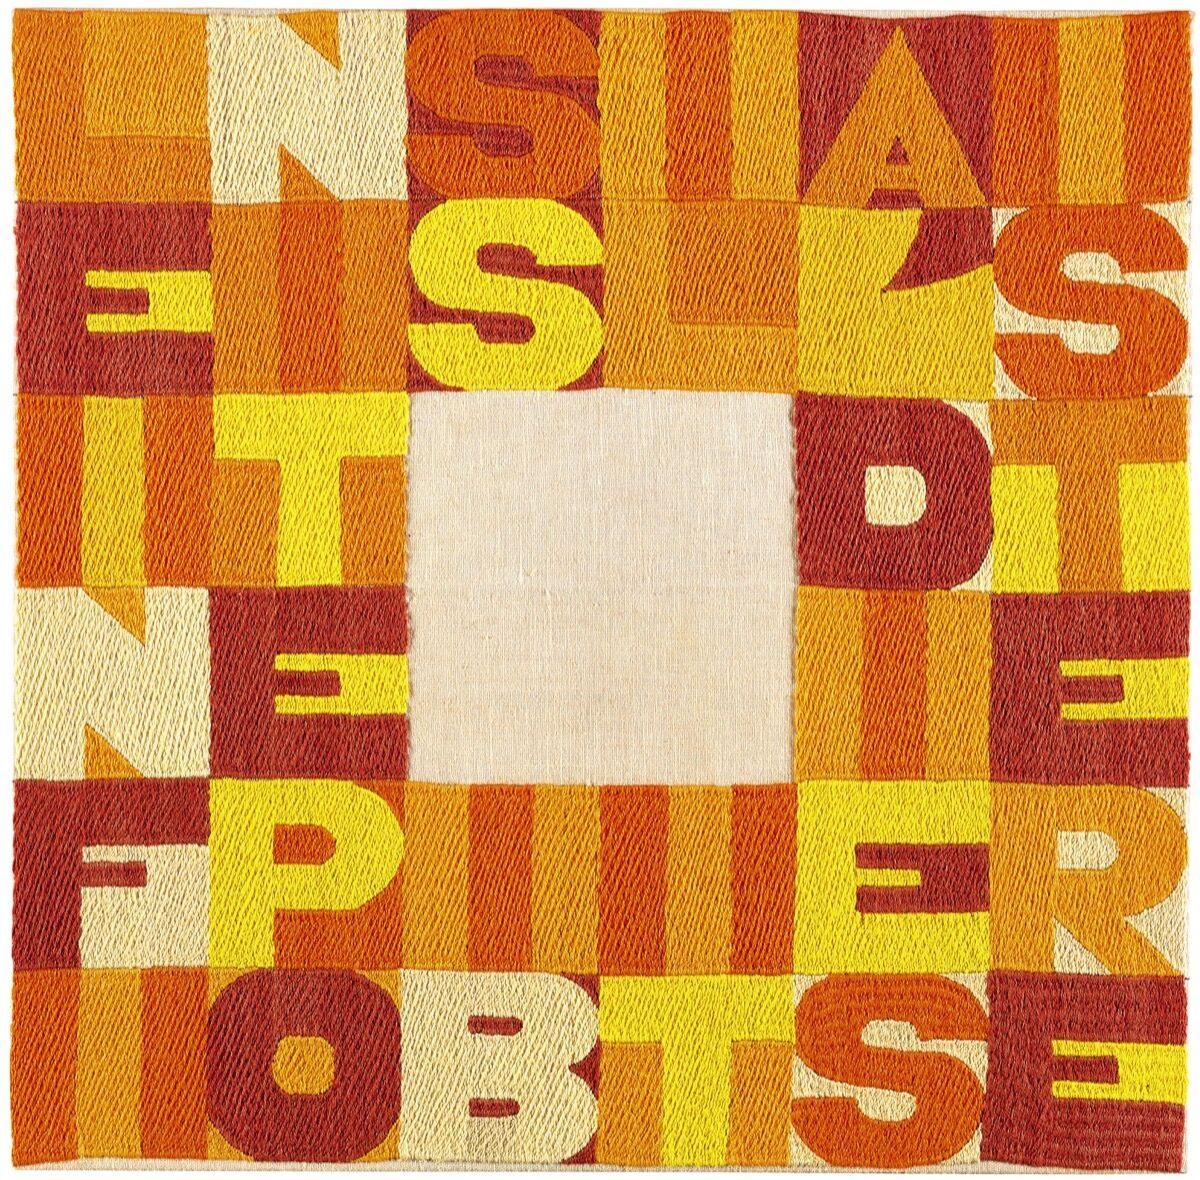 Alighiero Boetti, Le Infinite Possibilità Di Esistere. Courtesy of Sotheby's.